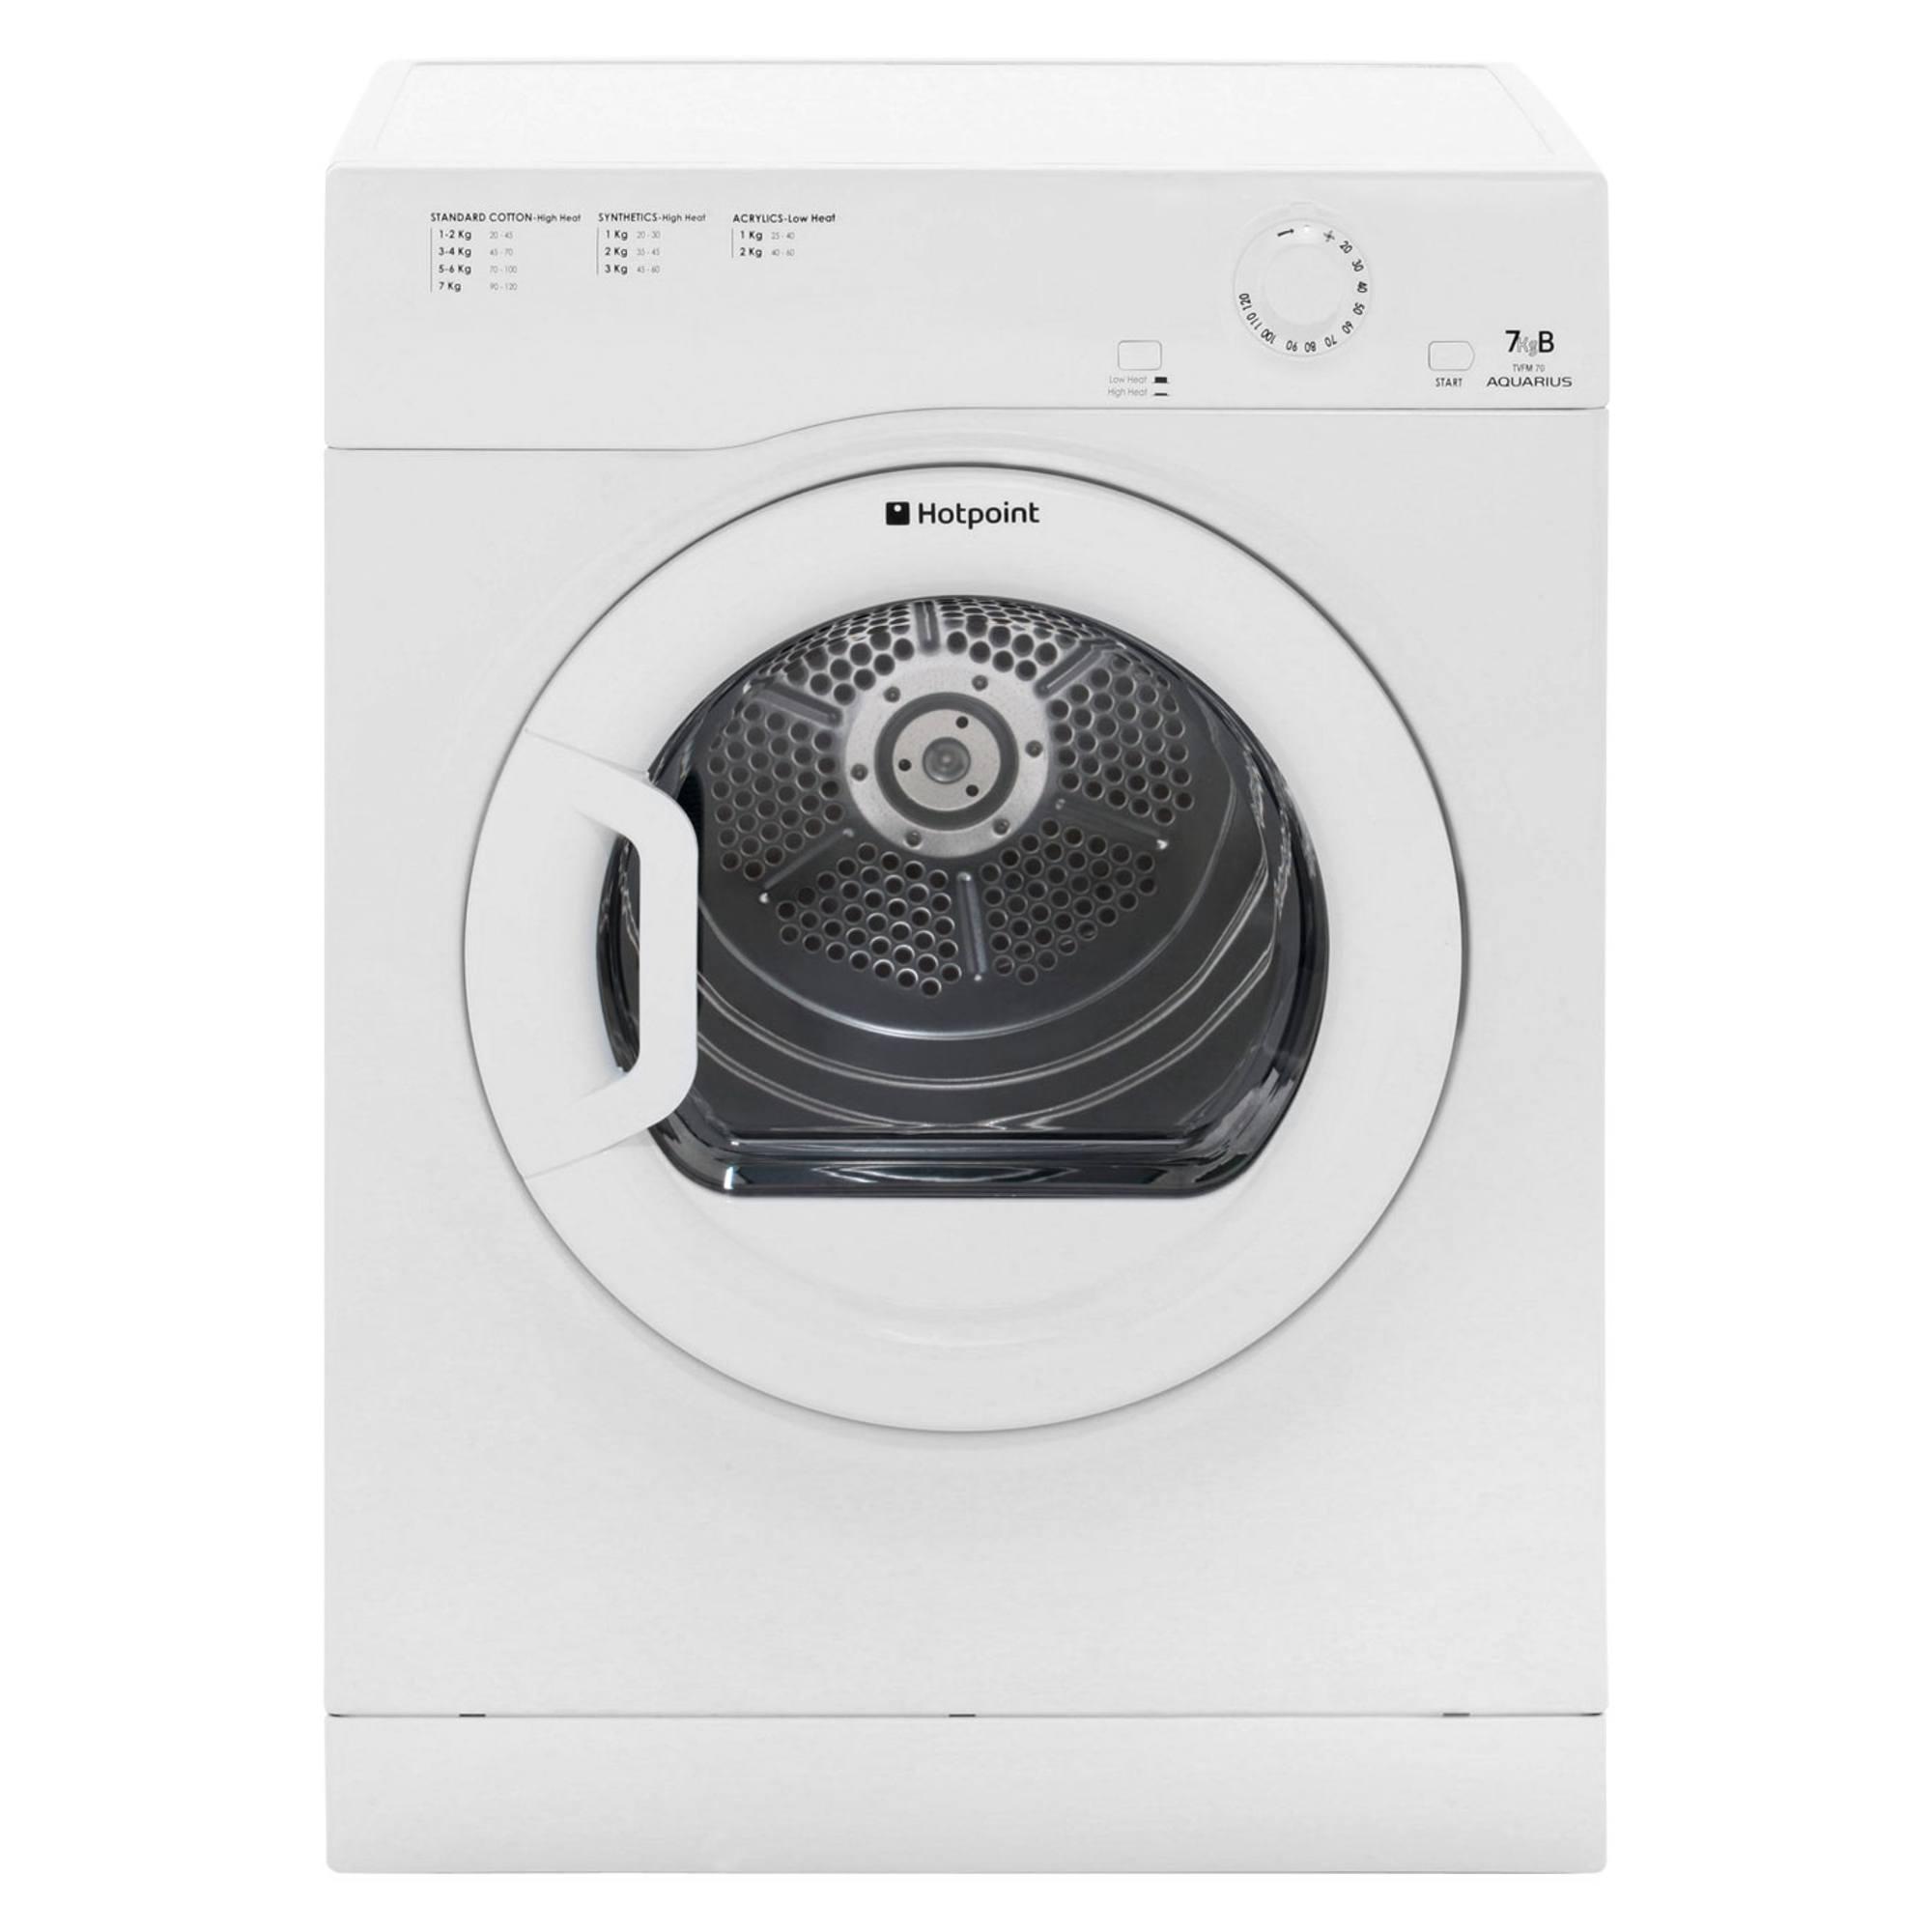 Hotpoint Aquarius Tvfs73bgp9 7kg Vented Tumble Dryer Hughes